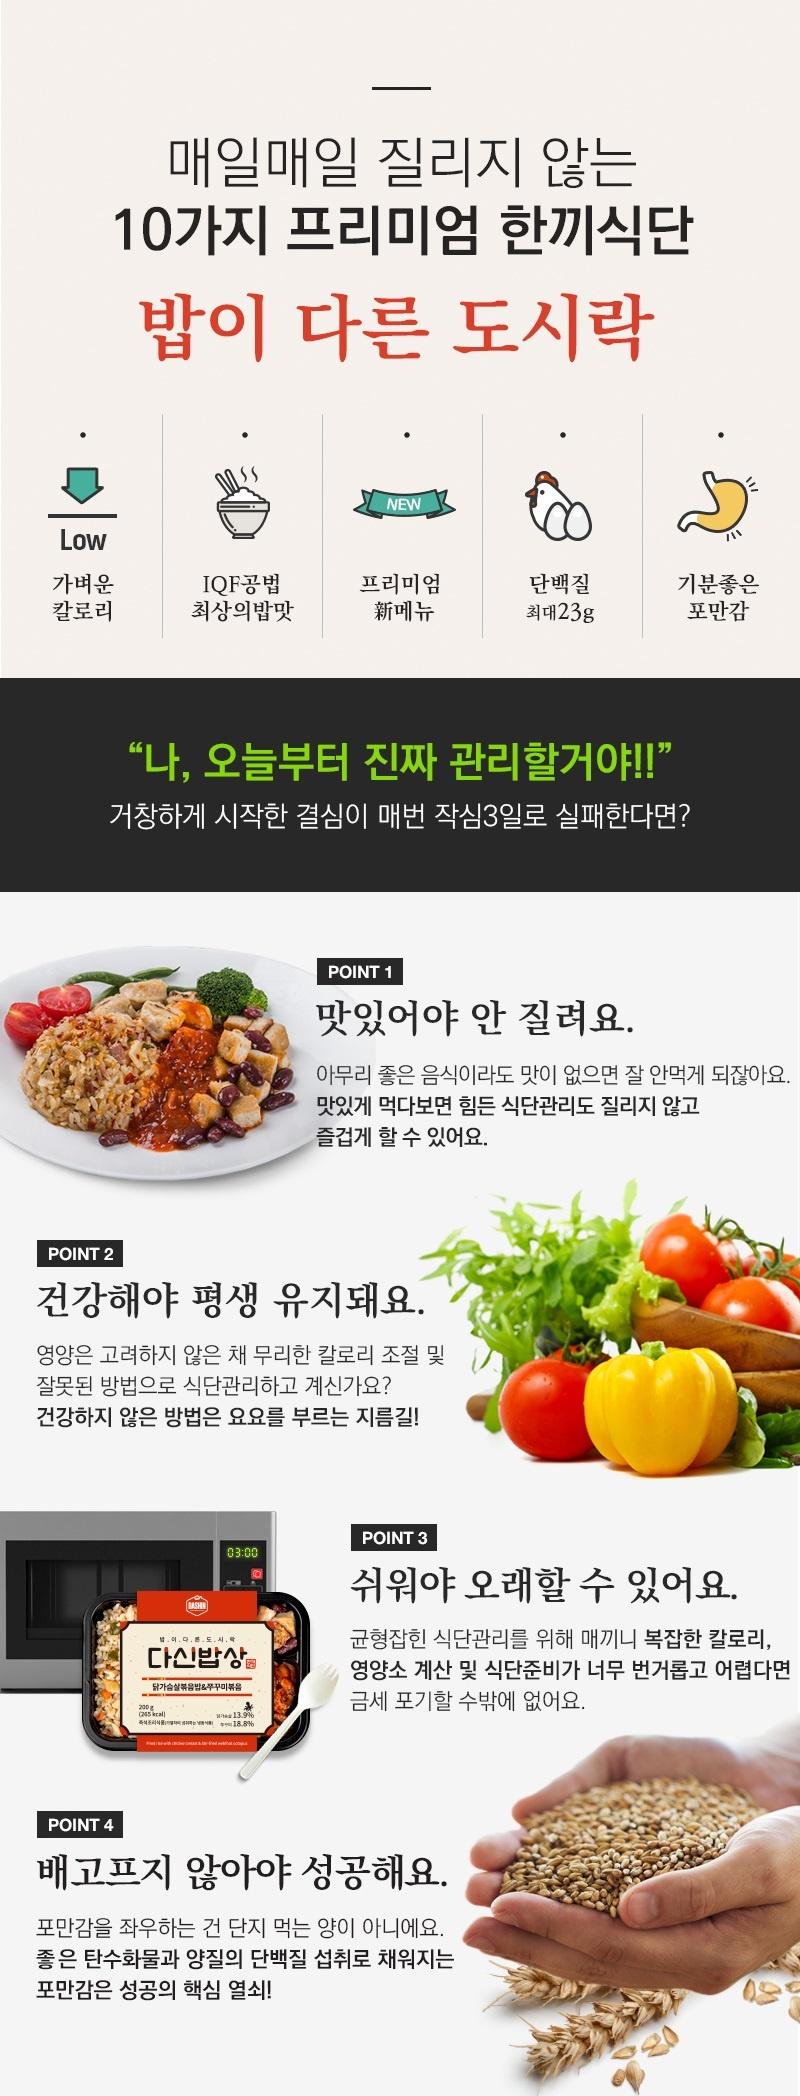 완벽한 한끼 식단 다신밥상 체험단 모집(9.11~16)